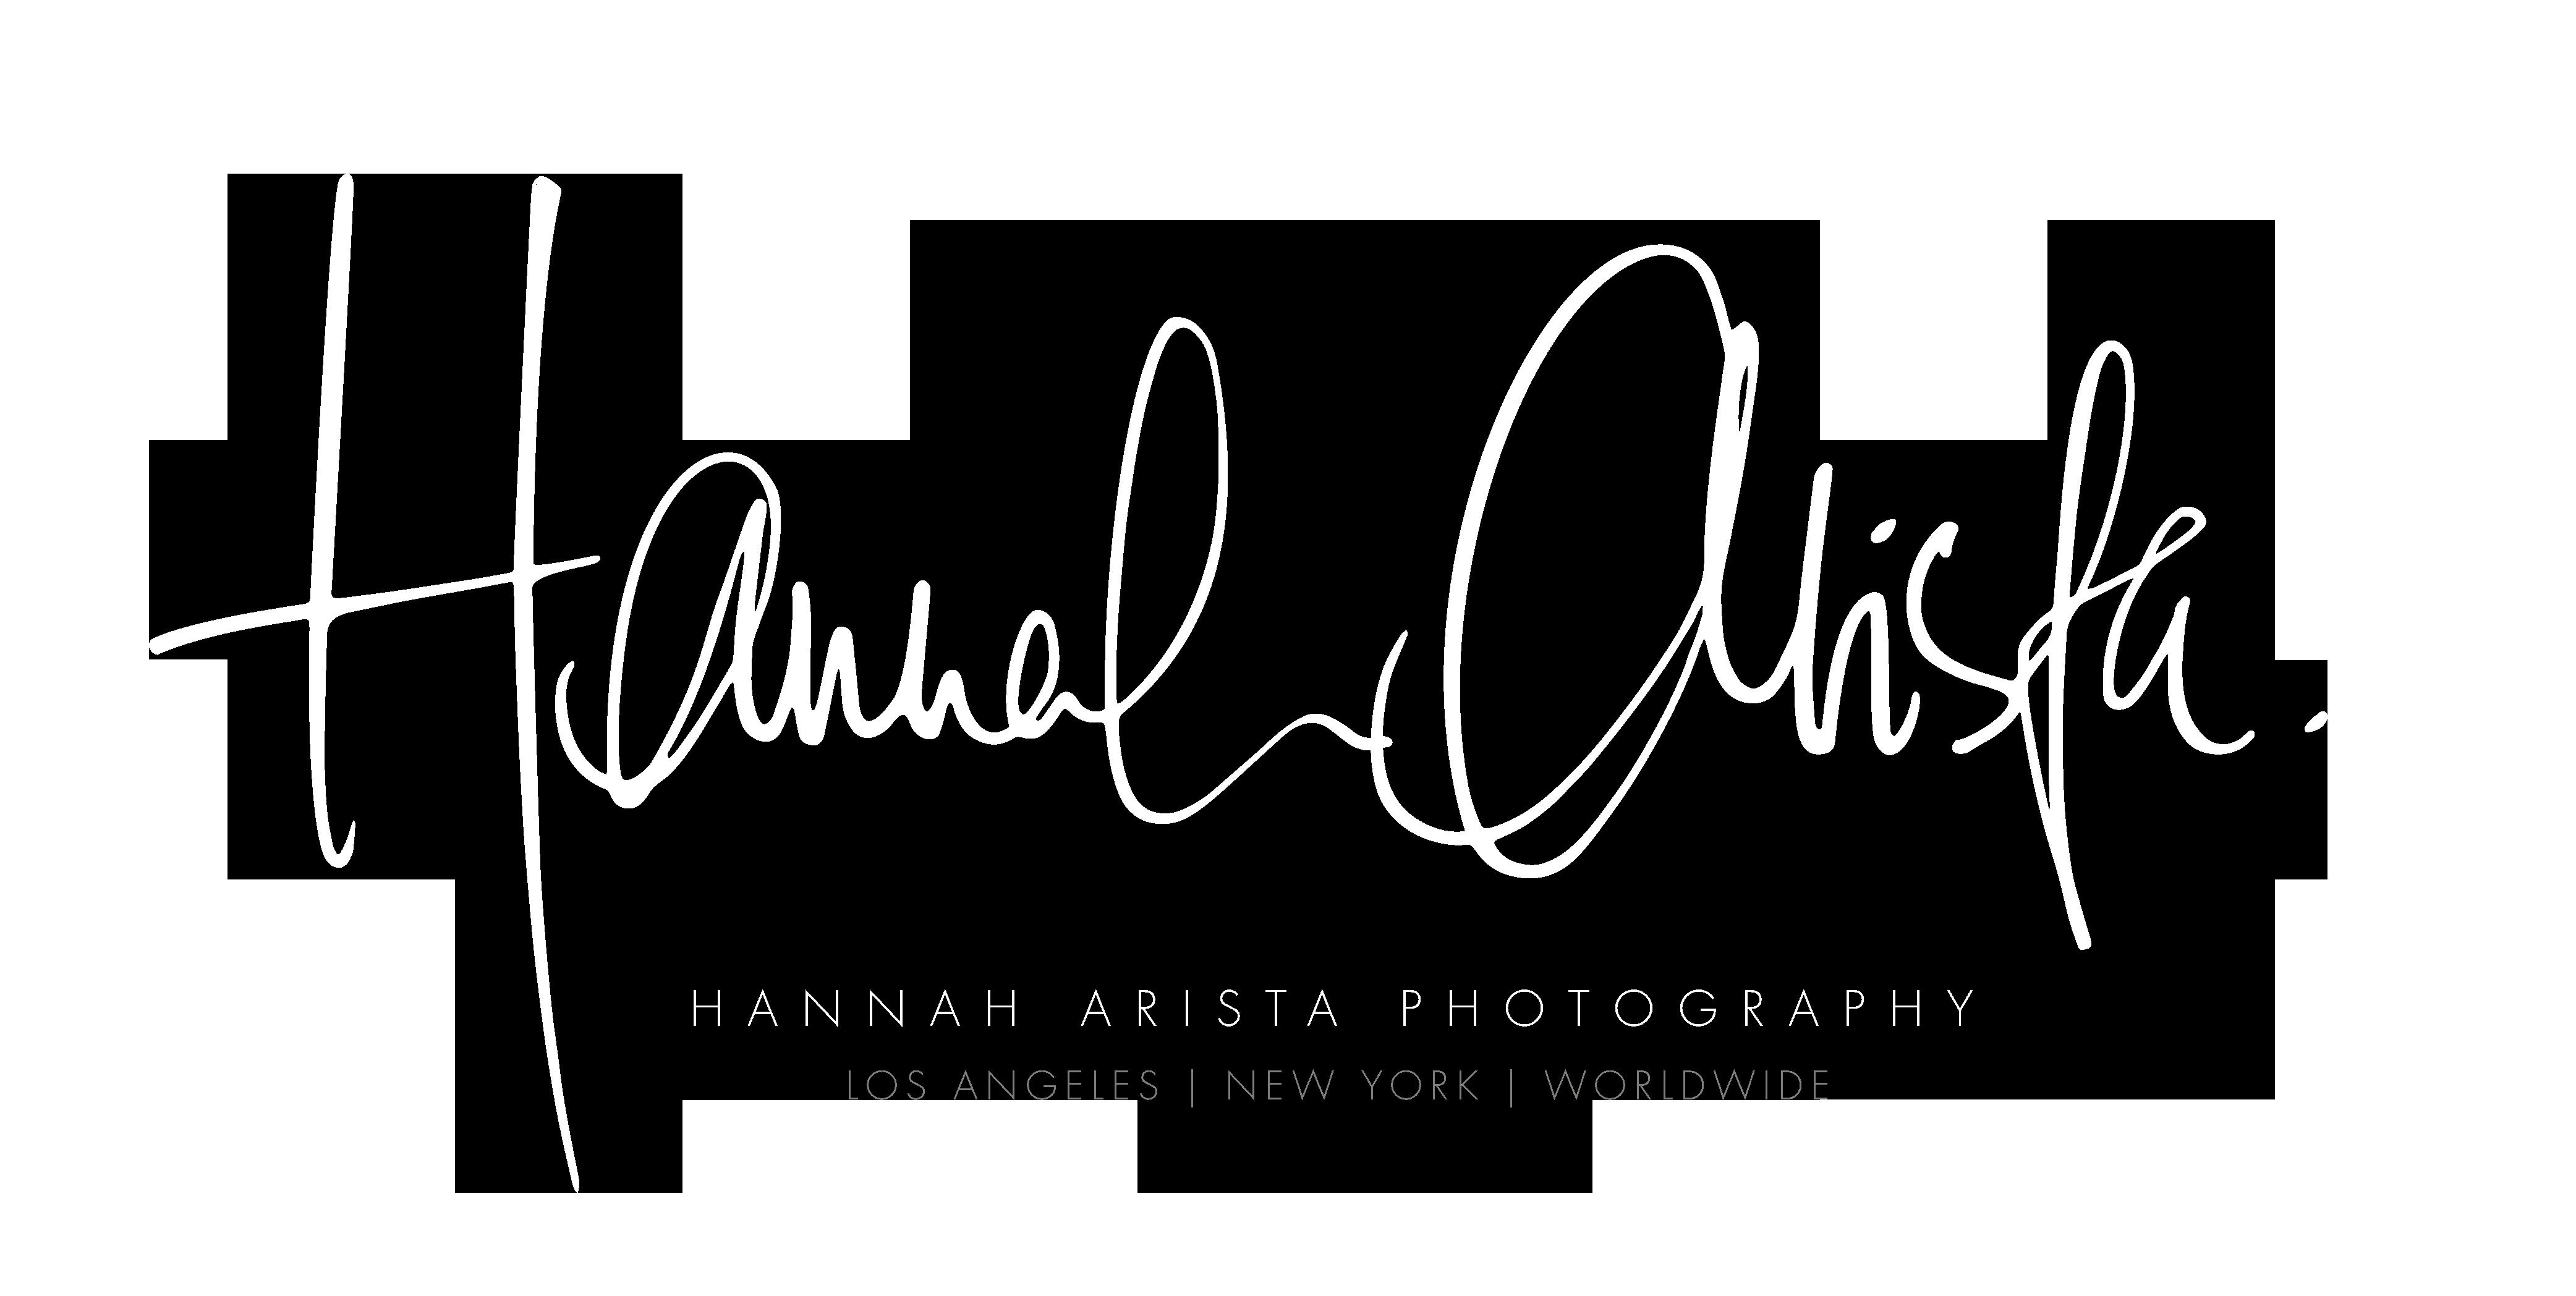 Hannah Arista Photography